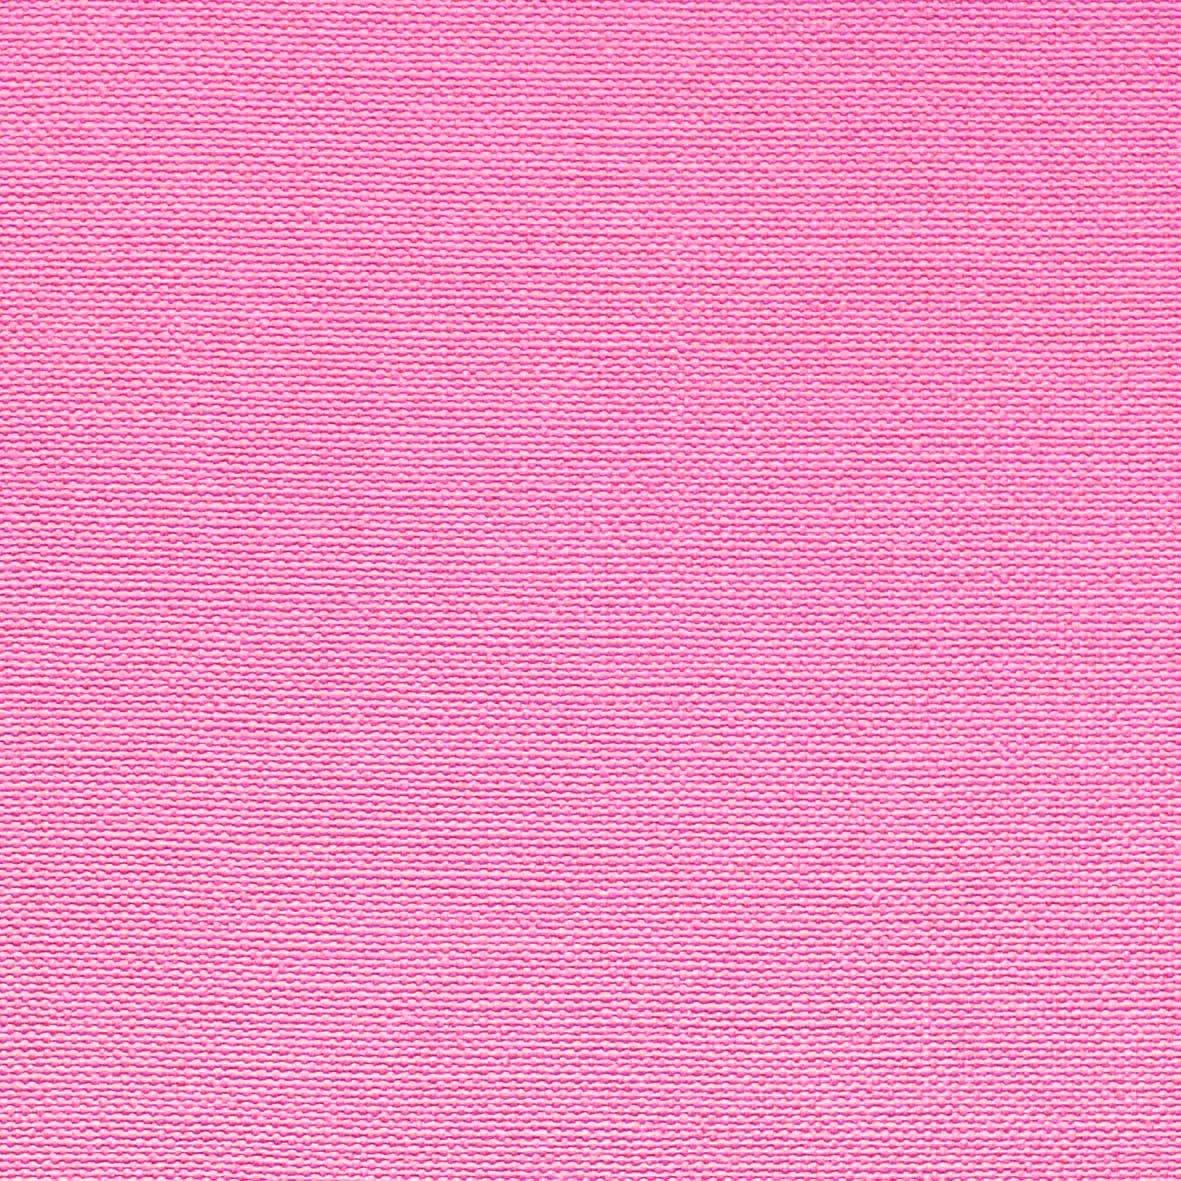 リリカラ 壁紙37m シンフル 織物調 ピンク LL-8243 B01N3T2FET 37m|ピンク